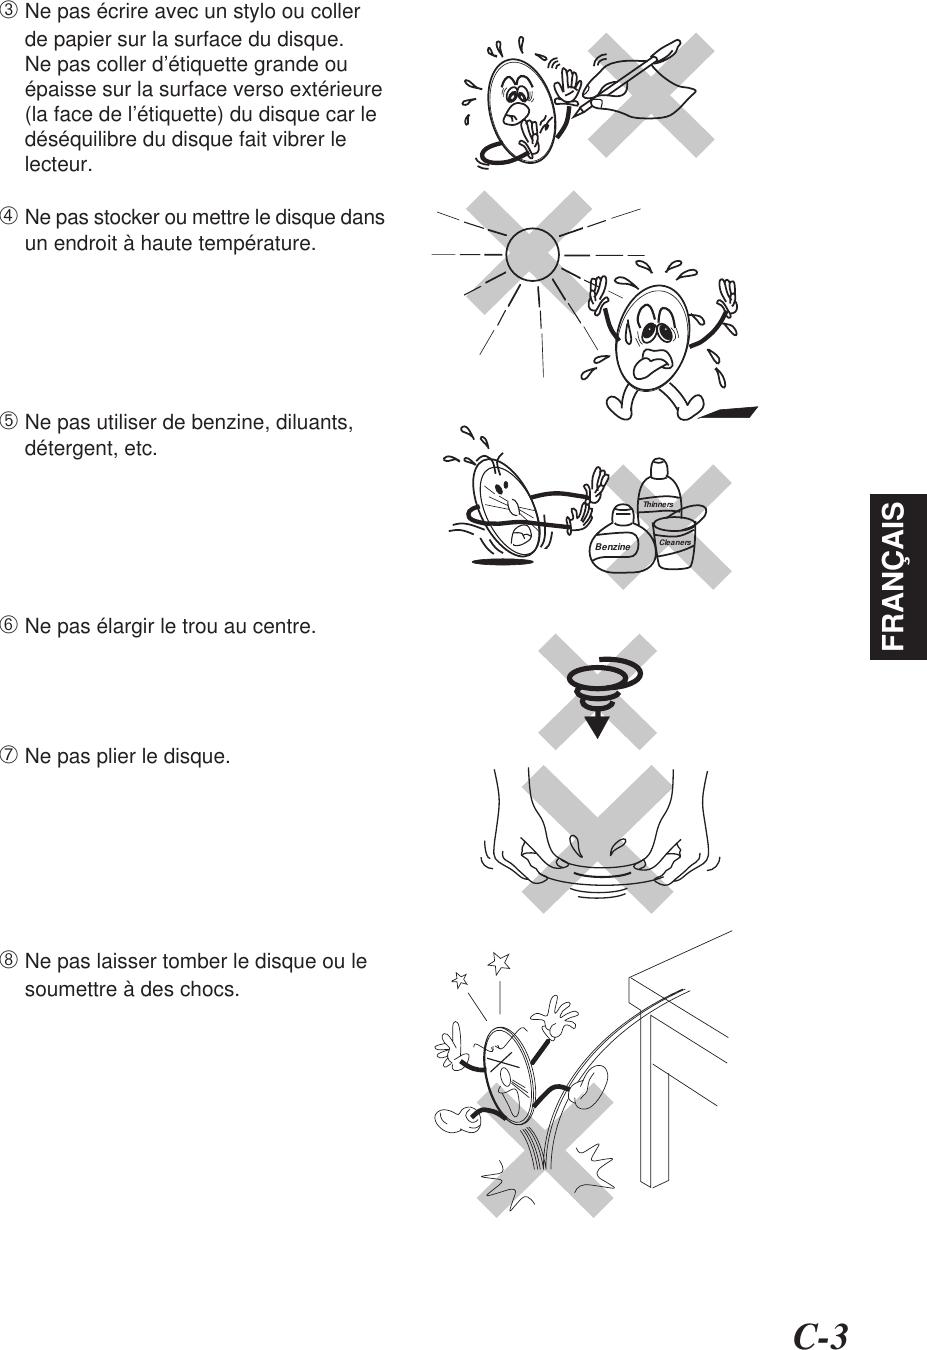 C-3FRANÇAIS➂Ne pas écrire avec un stylo ou collerde papier sur la surface du disque.Ne pas coller d'étiquette grande ouépaisse sur la surface verso extérieure(la face de l'étiquette) du disque car ledéséquilibre du disque fait vibrer lelecteur.➃Ne pas stocker ou mettre le disque dansun endroit à haute température.➄Ne pas utiliser de benzine, diluants,détergent, etc.➅Ne pas élargir le trou au centre.➆Ne pas plier le disque.➇Ne pas laisser tomber le disque ou lesoumettre à des chocs.BenzineThinnersCleaners